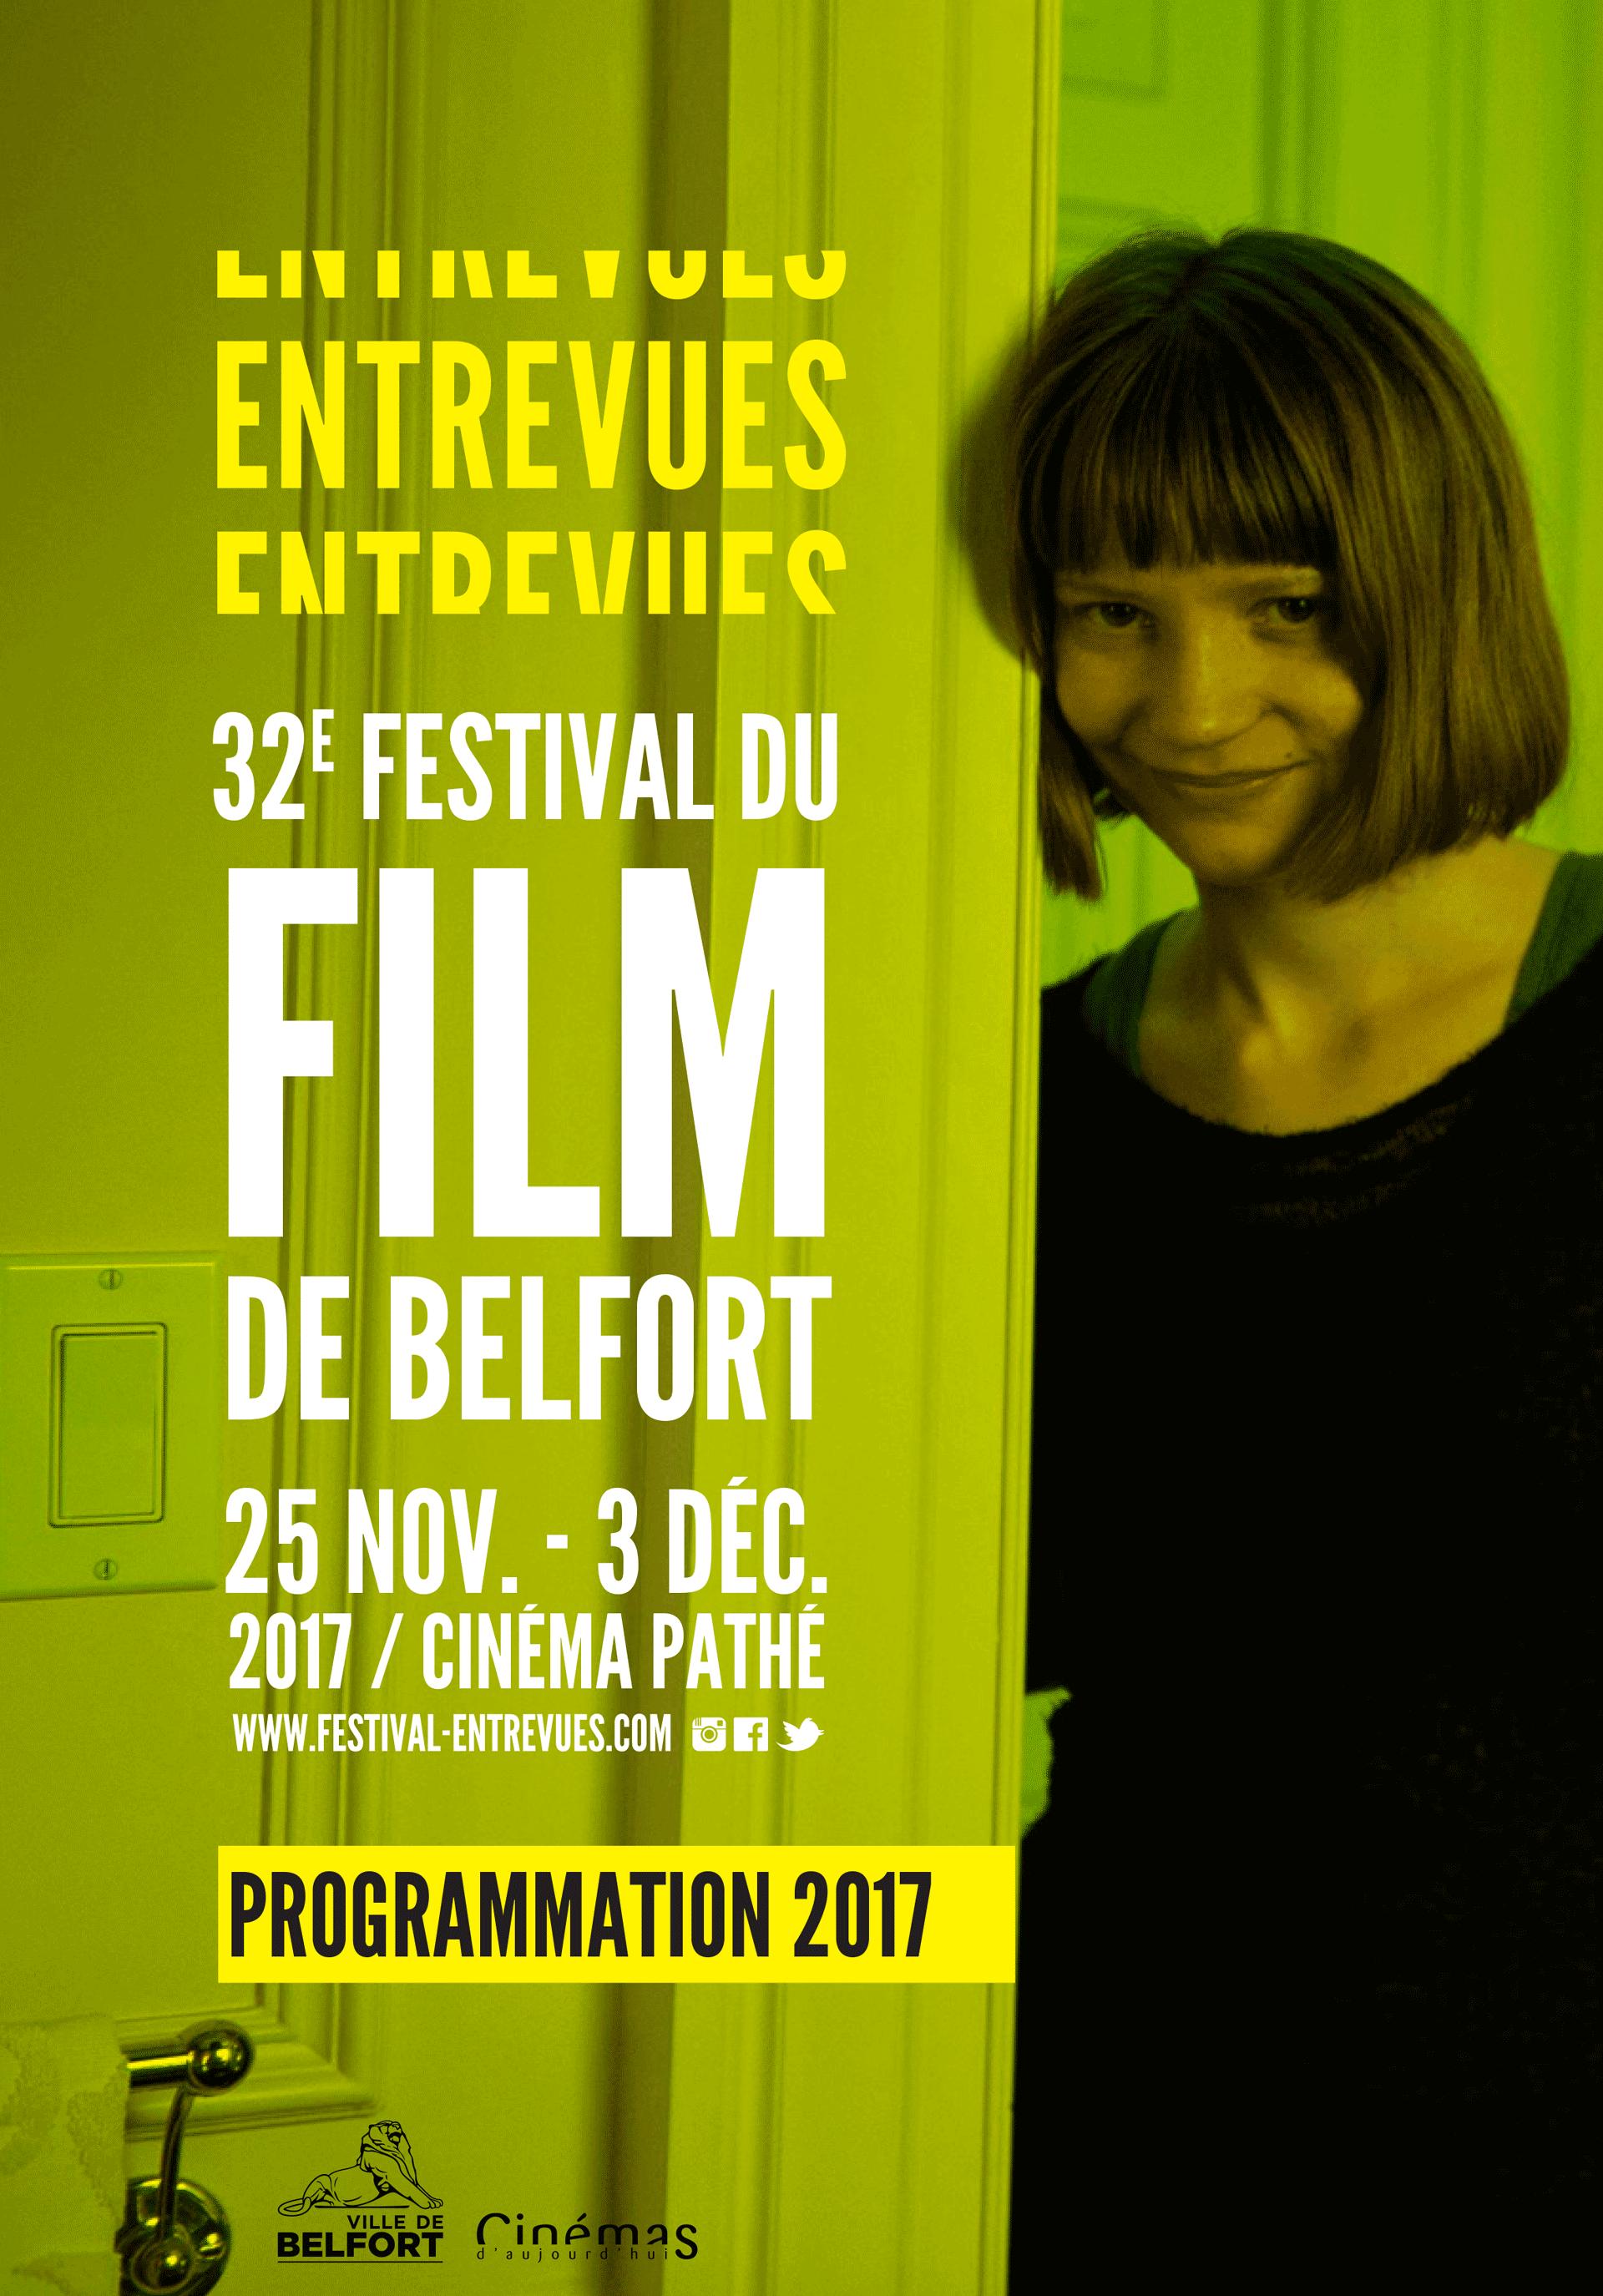 Programmation 2017 de la 32ème édition du festival du film de Belfort Entrevues